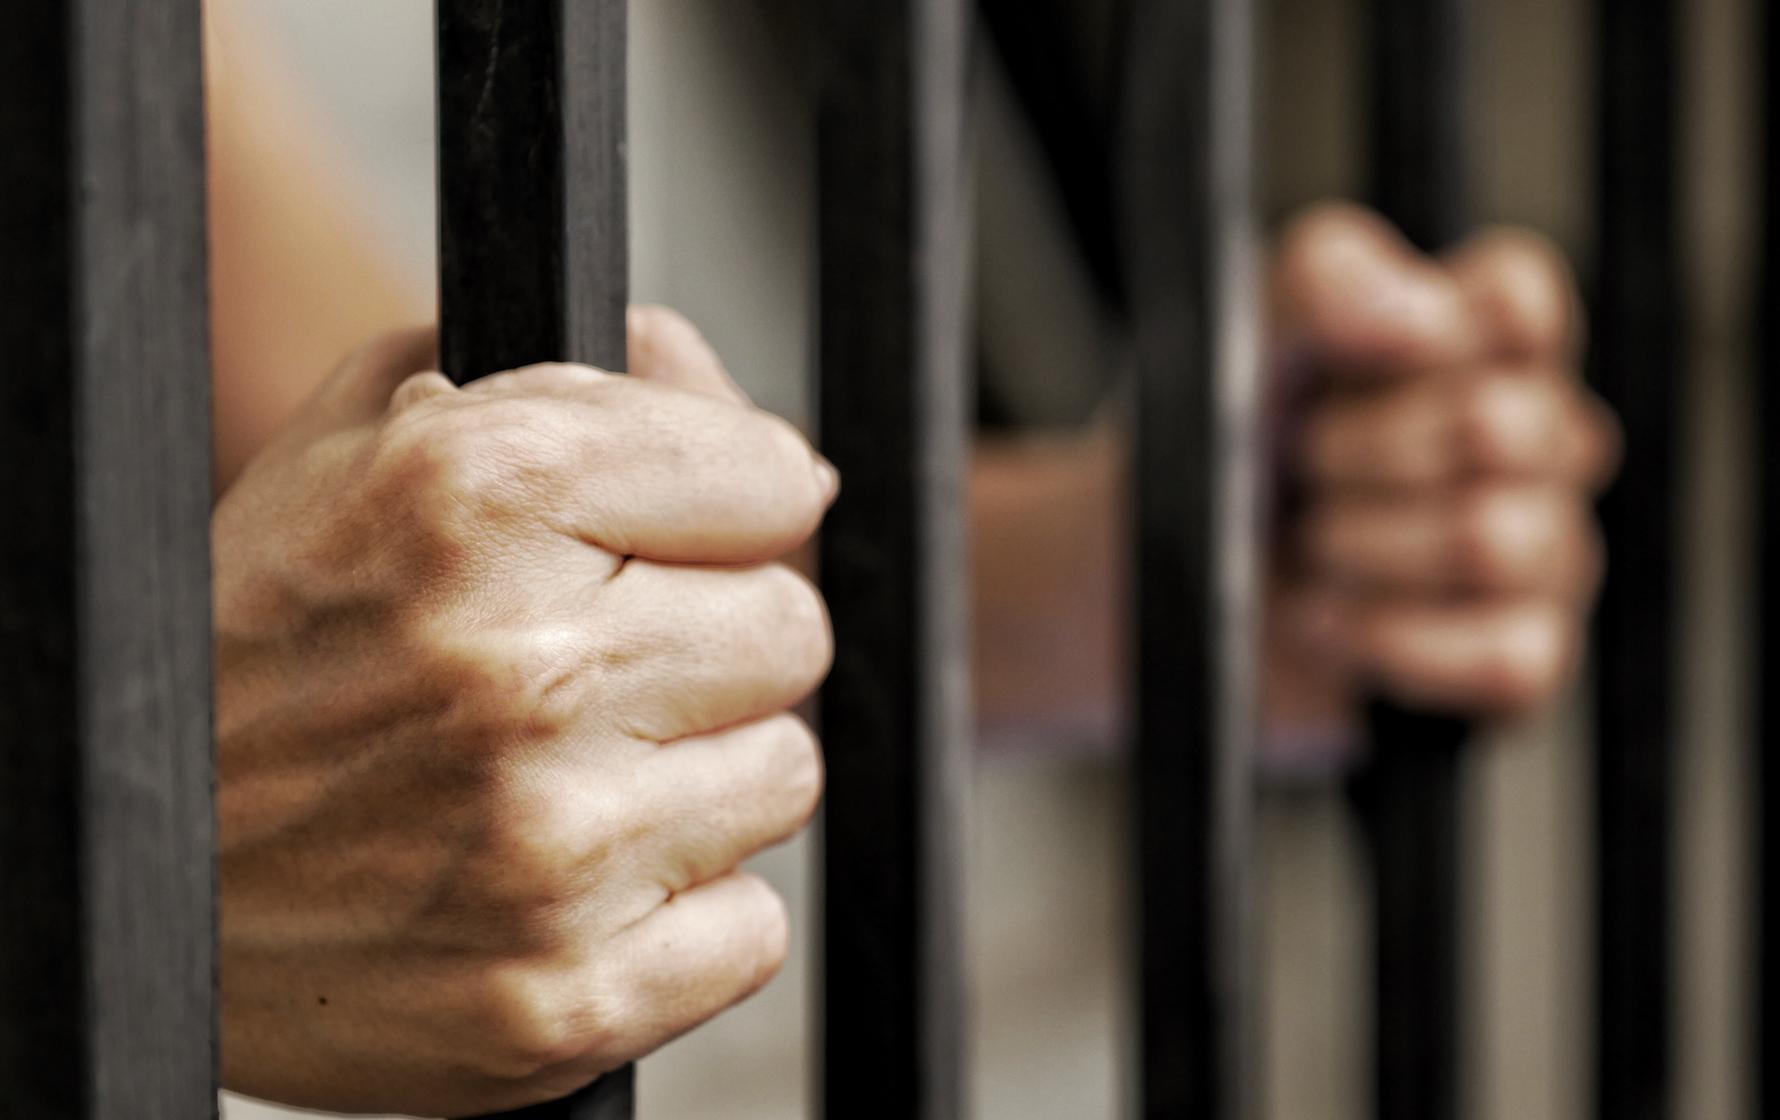 السجن - تعبيرية